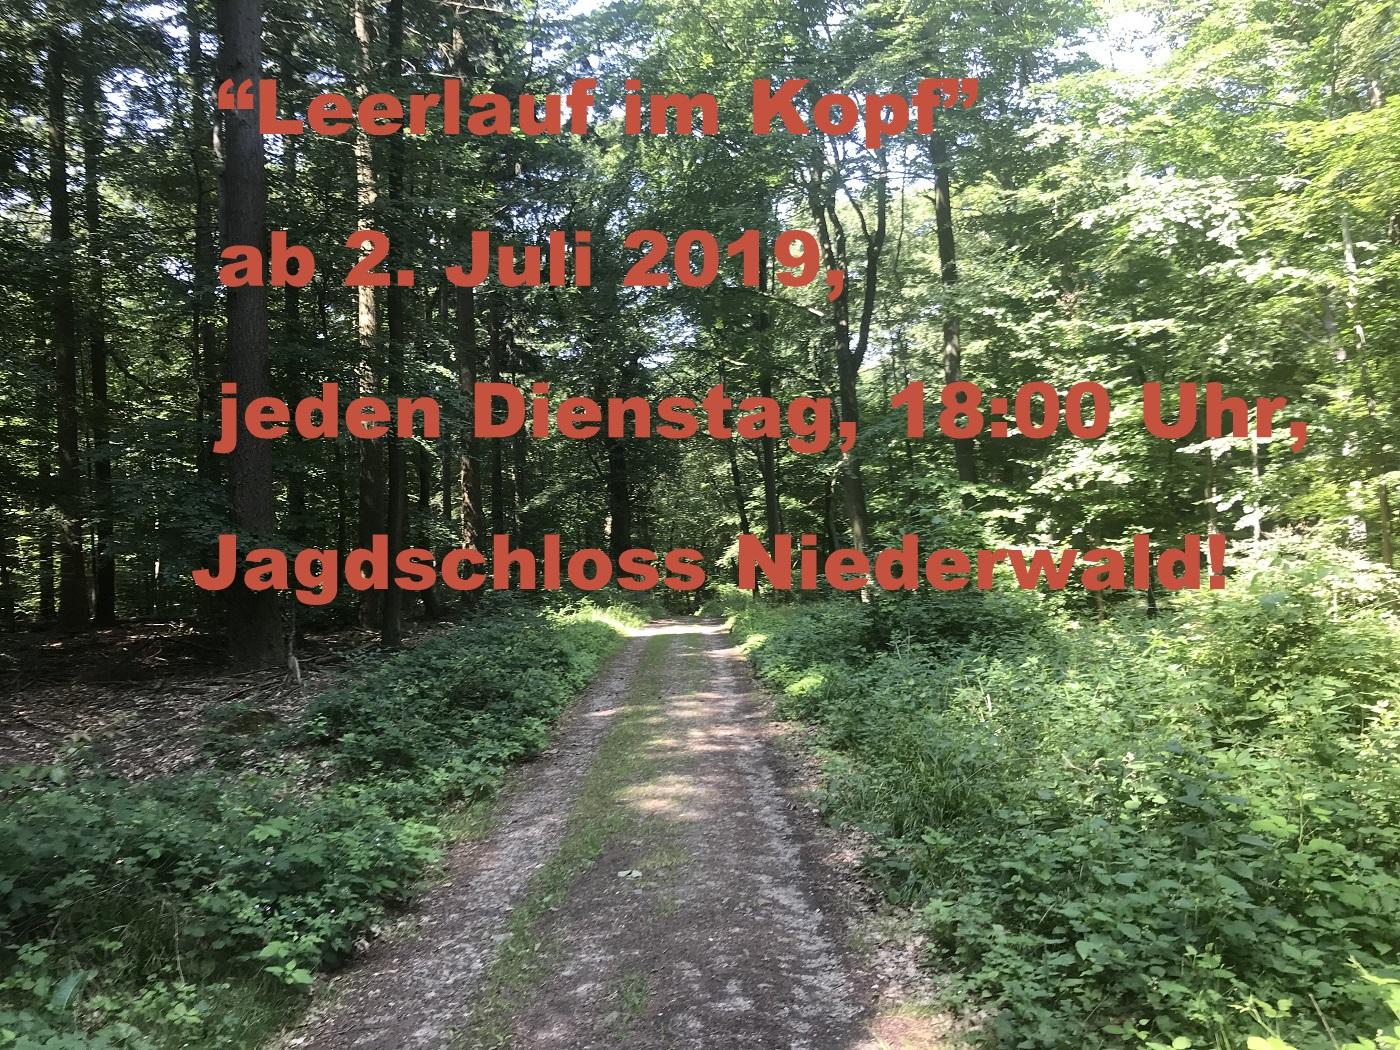 Auf dem Bild ist ein Waldweg zu sehen. Achtsamkeitstraining im Wald, Jagdschloss Niederwald, Rüdesheim. Outdoortraining mit dem Idogo Stab.